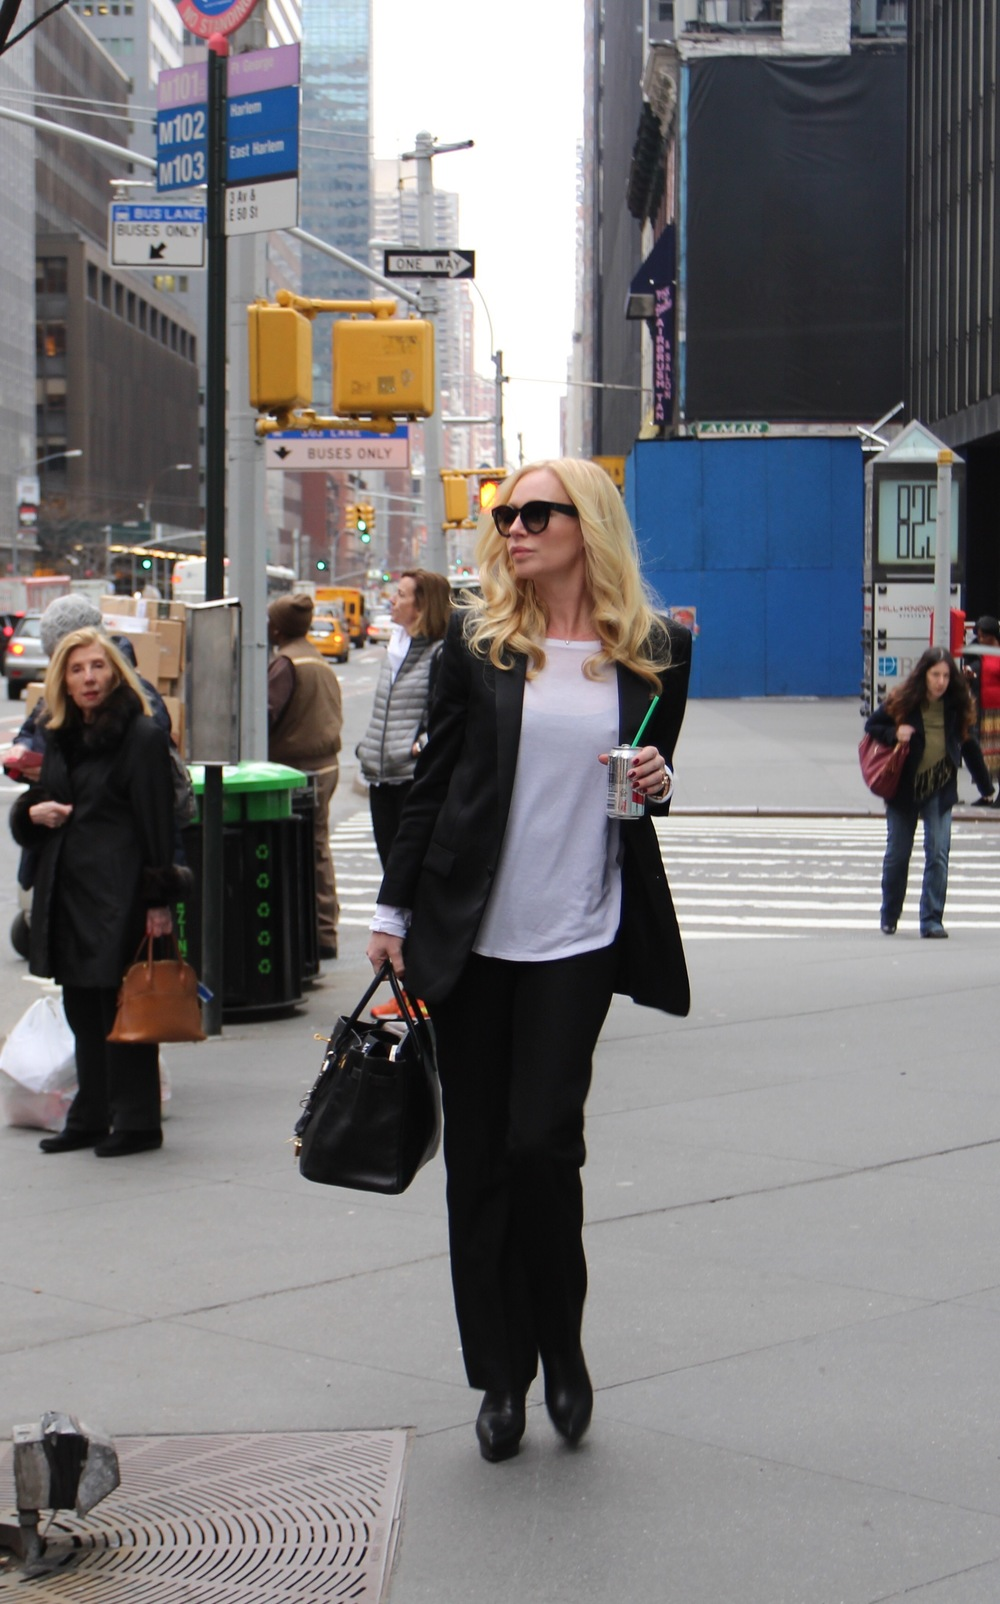 Saint laurent suit  Saint Laurent heels  Zimmermann shirt  Herm è s purse  Saint Laurent sunglasses